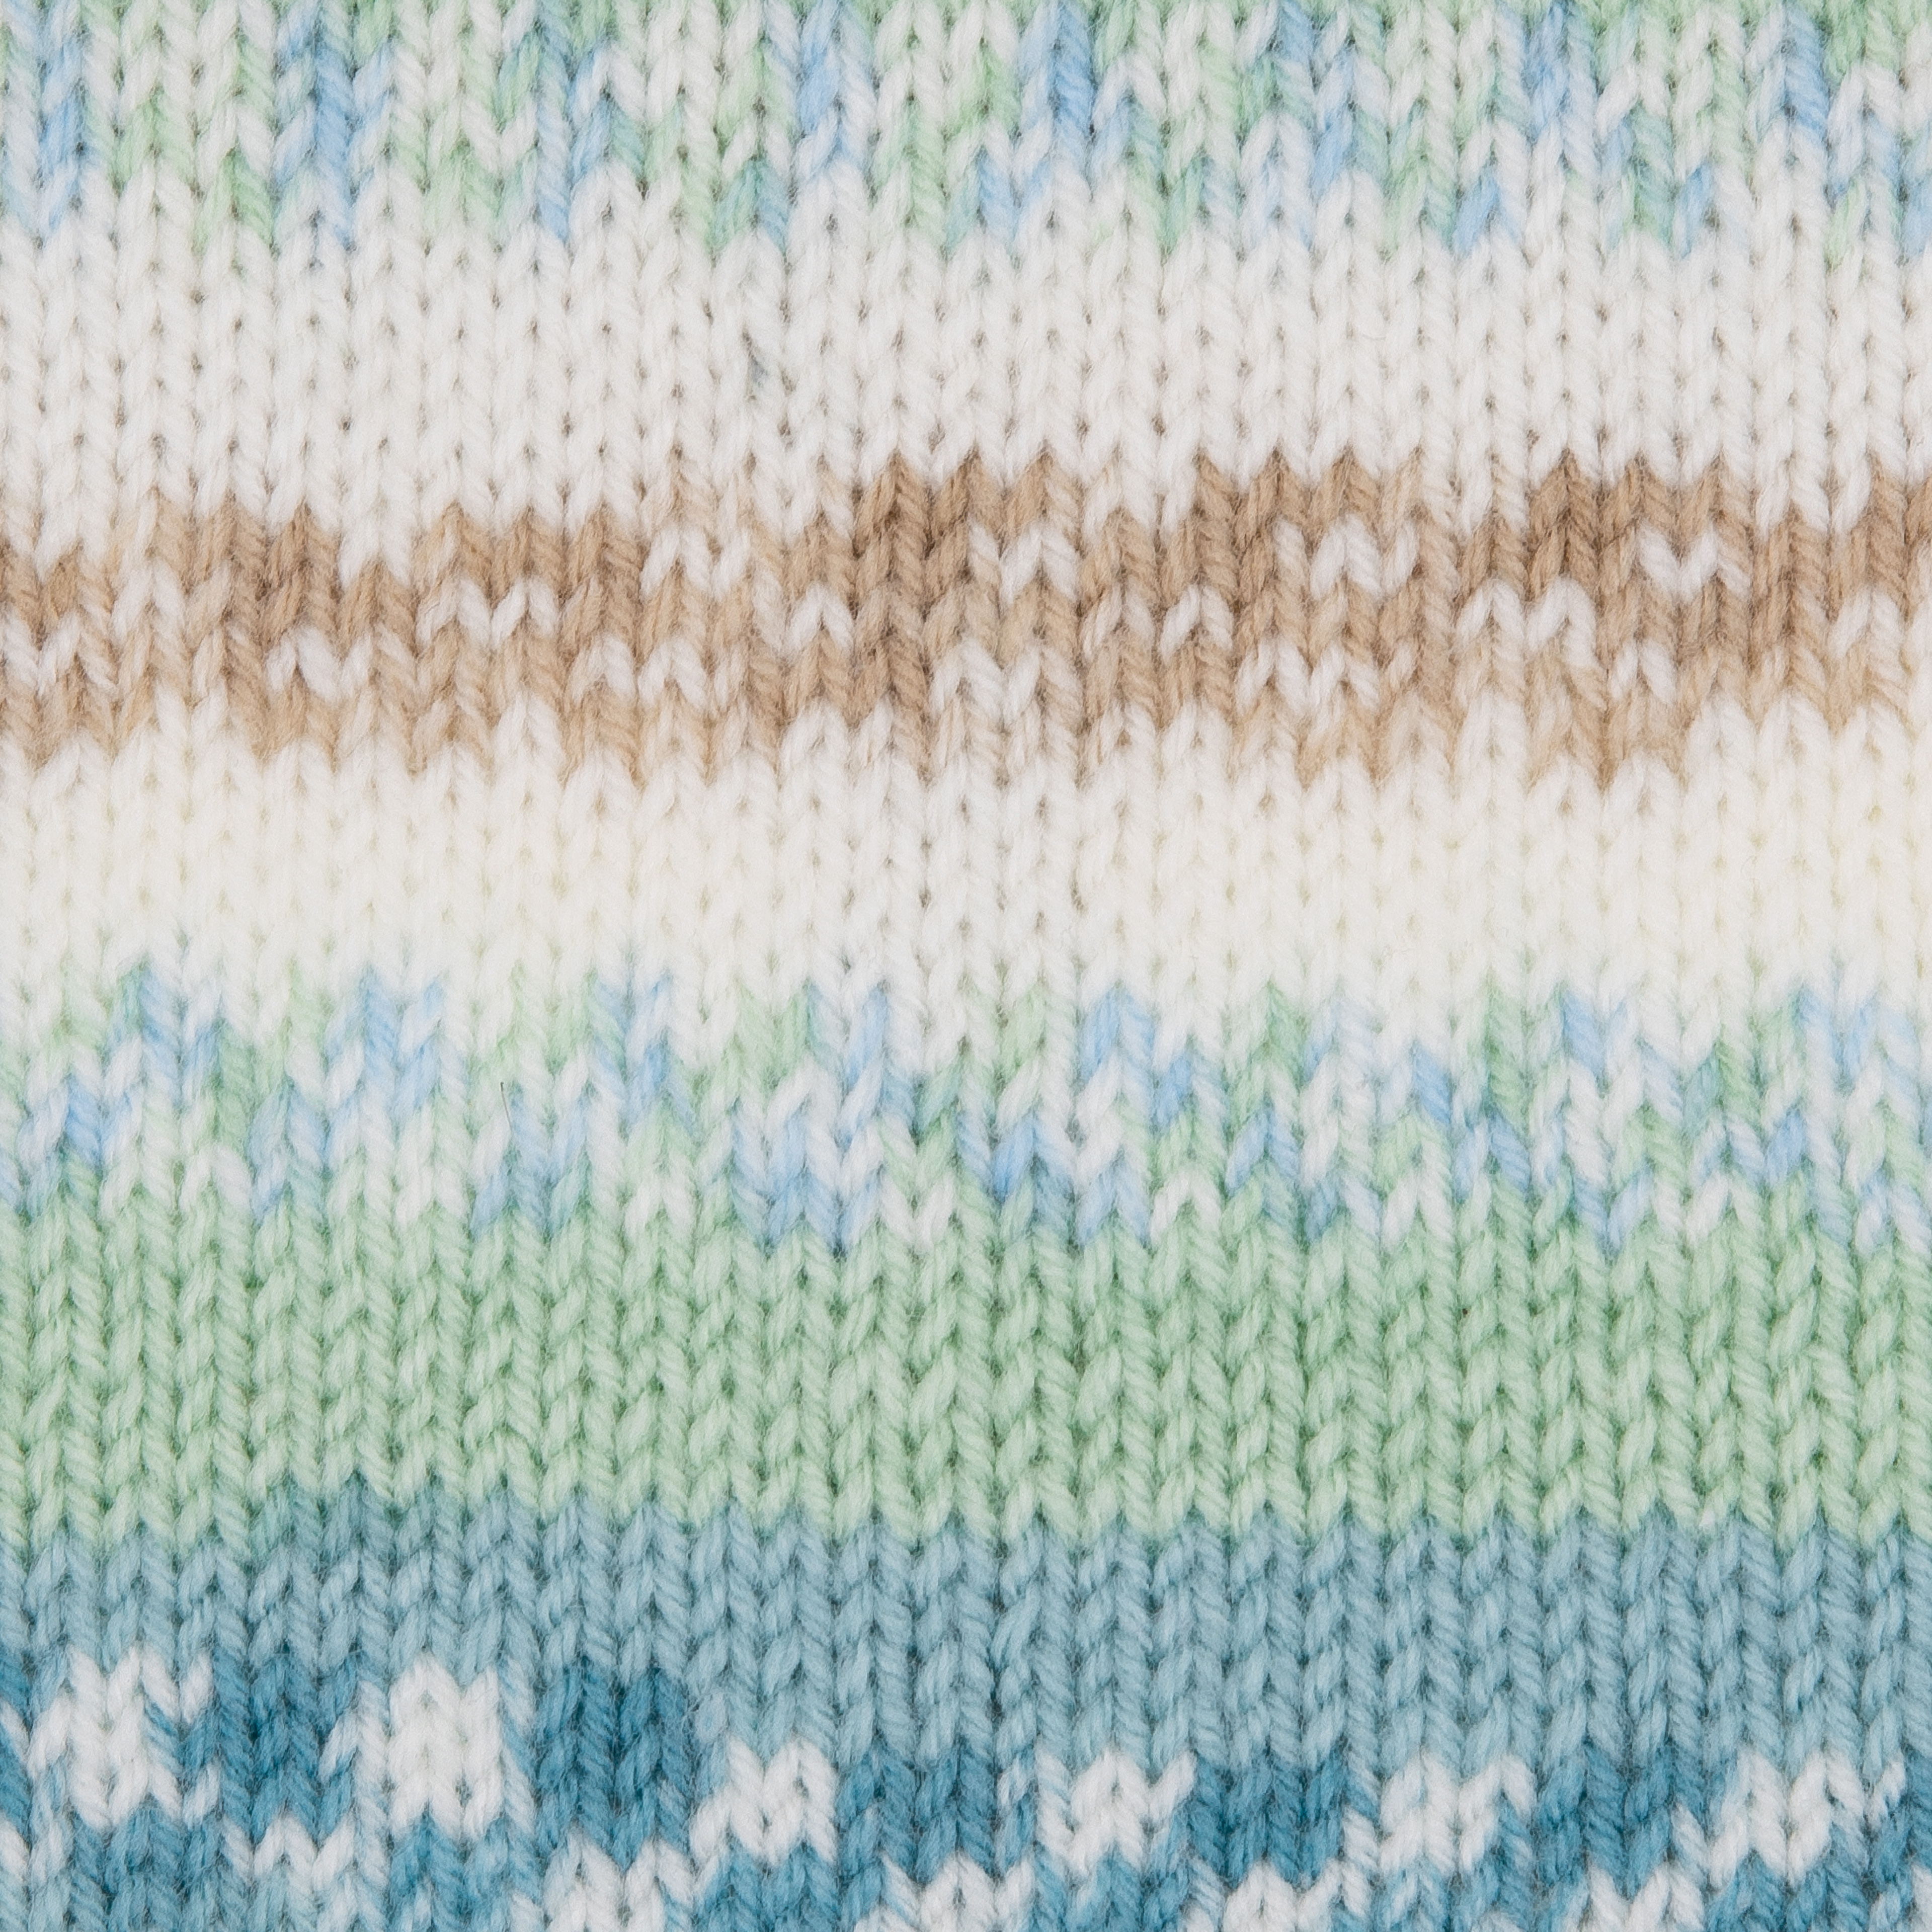 acquamarin braun mint natur multicolor